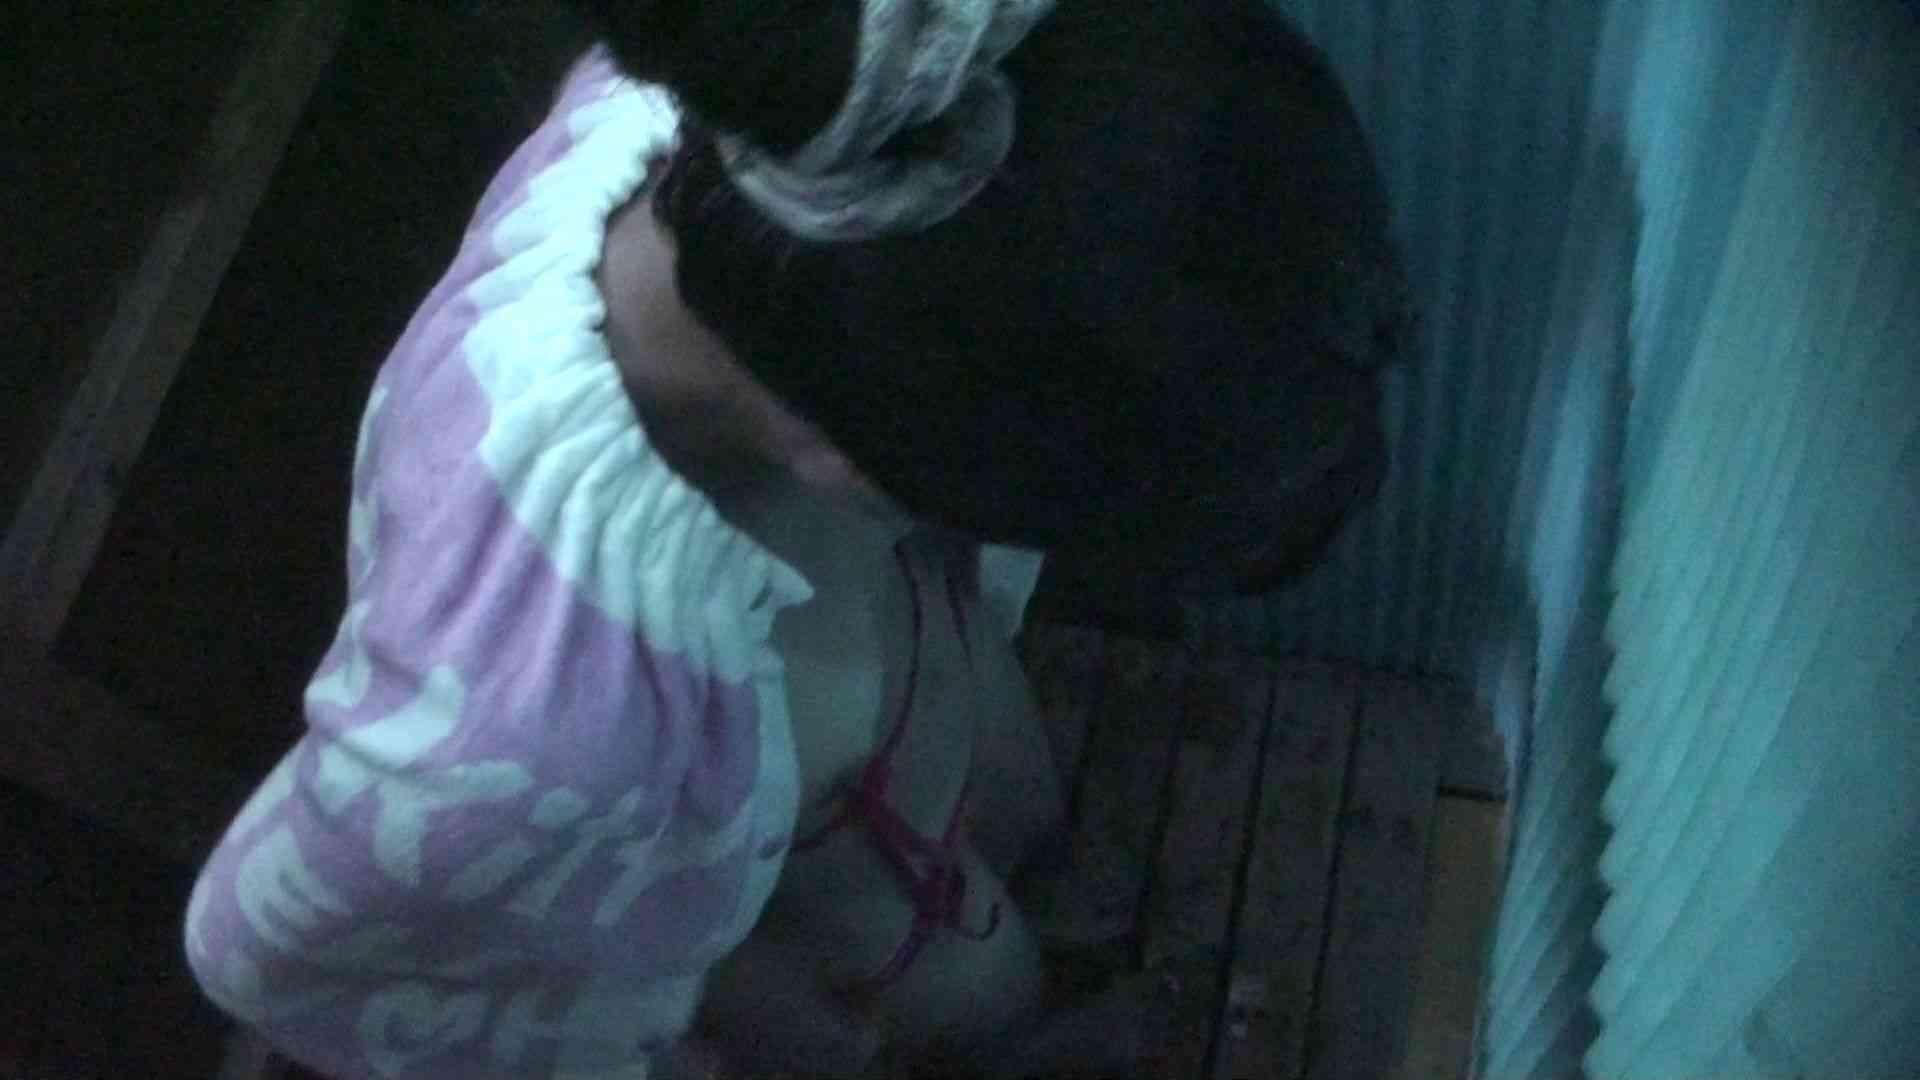 シャワールームは超!!危険な香りVol.26 大学生風美形ギャル 暗さが残念! エロティックなOL オメコ無修正動画無料 95画像 54